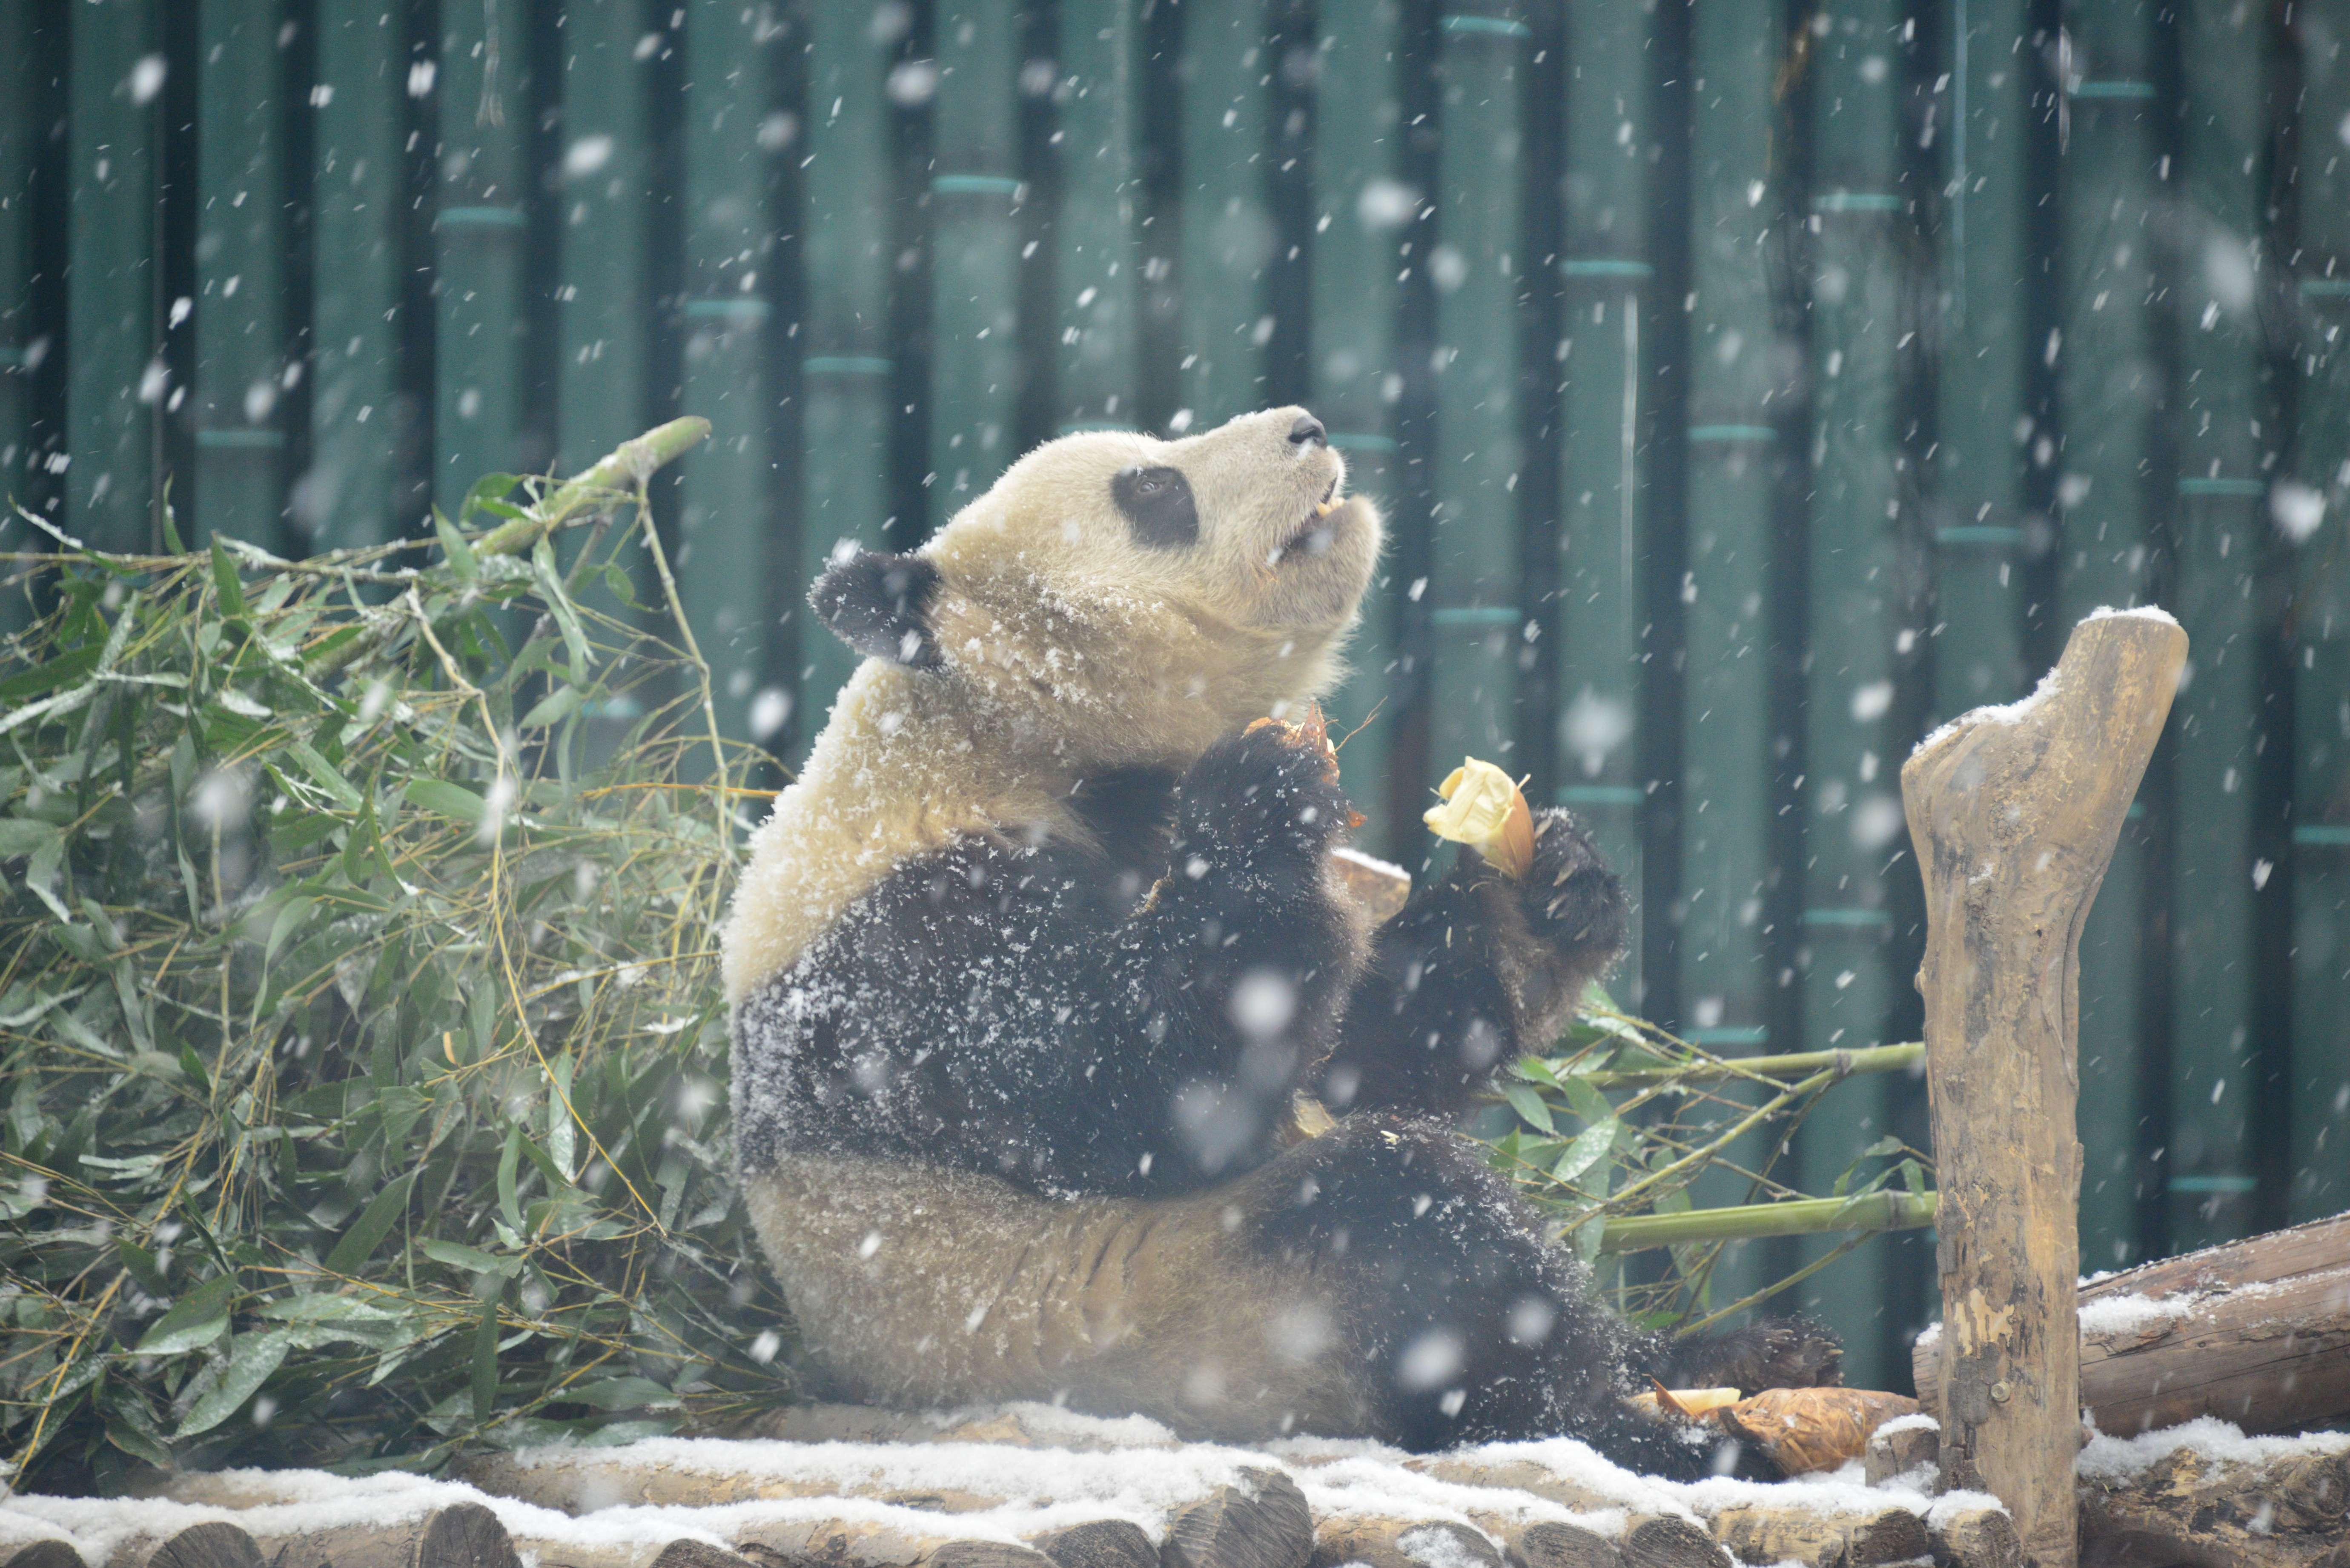 雪だぁ…大はしゃぎするパンダ 北京